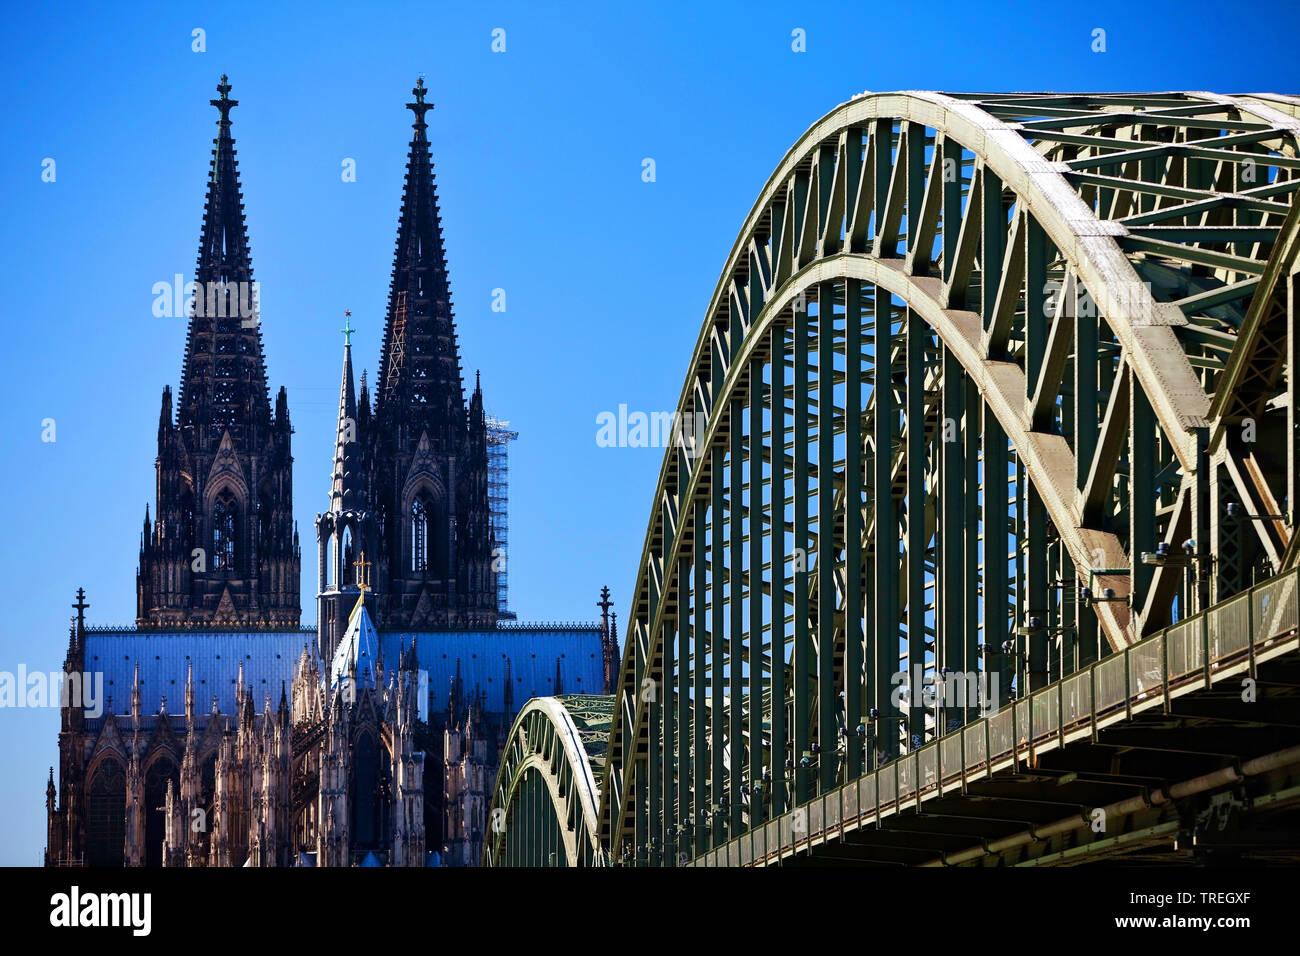 Koelner Dom mit Hohenzollernbruecke, Deutschland, Nordrhein-Westfalen, Koeln | Cologne Cathedral and Hohenzollern Bridge, Germany, North Rhine-Westpha - Stock Image